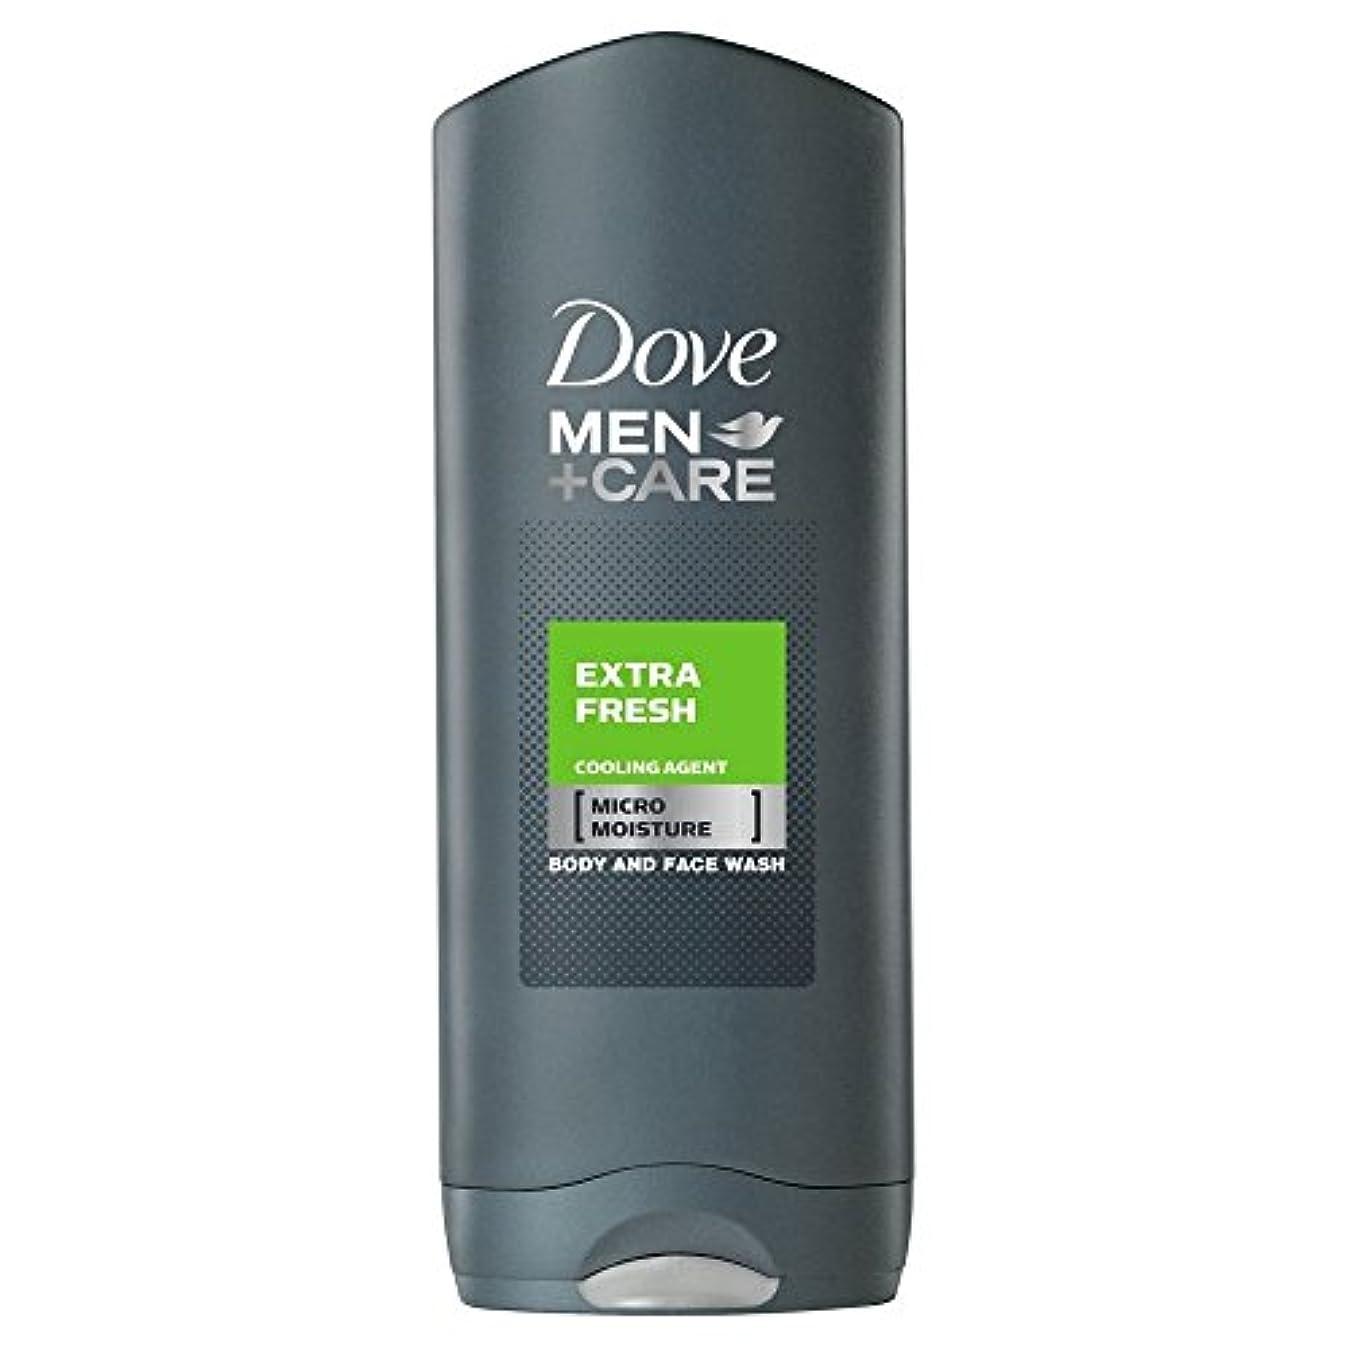 迷路プロペラ蒸気Dove Men + Care Body & Face Wash - Extra Fresh (250ml) 鳩の男性は+ボディと洗顔ケア - 余分な新鮮な( 250ミリリットル)を [並行輸入品]